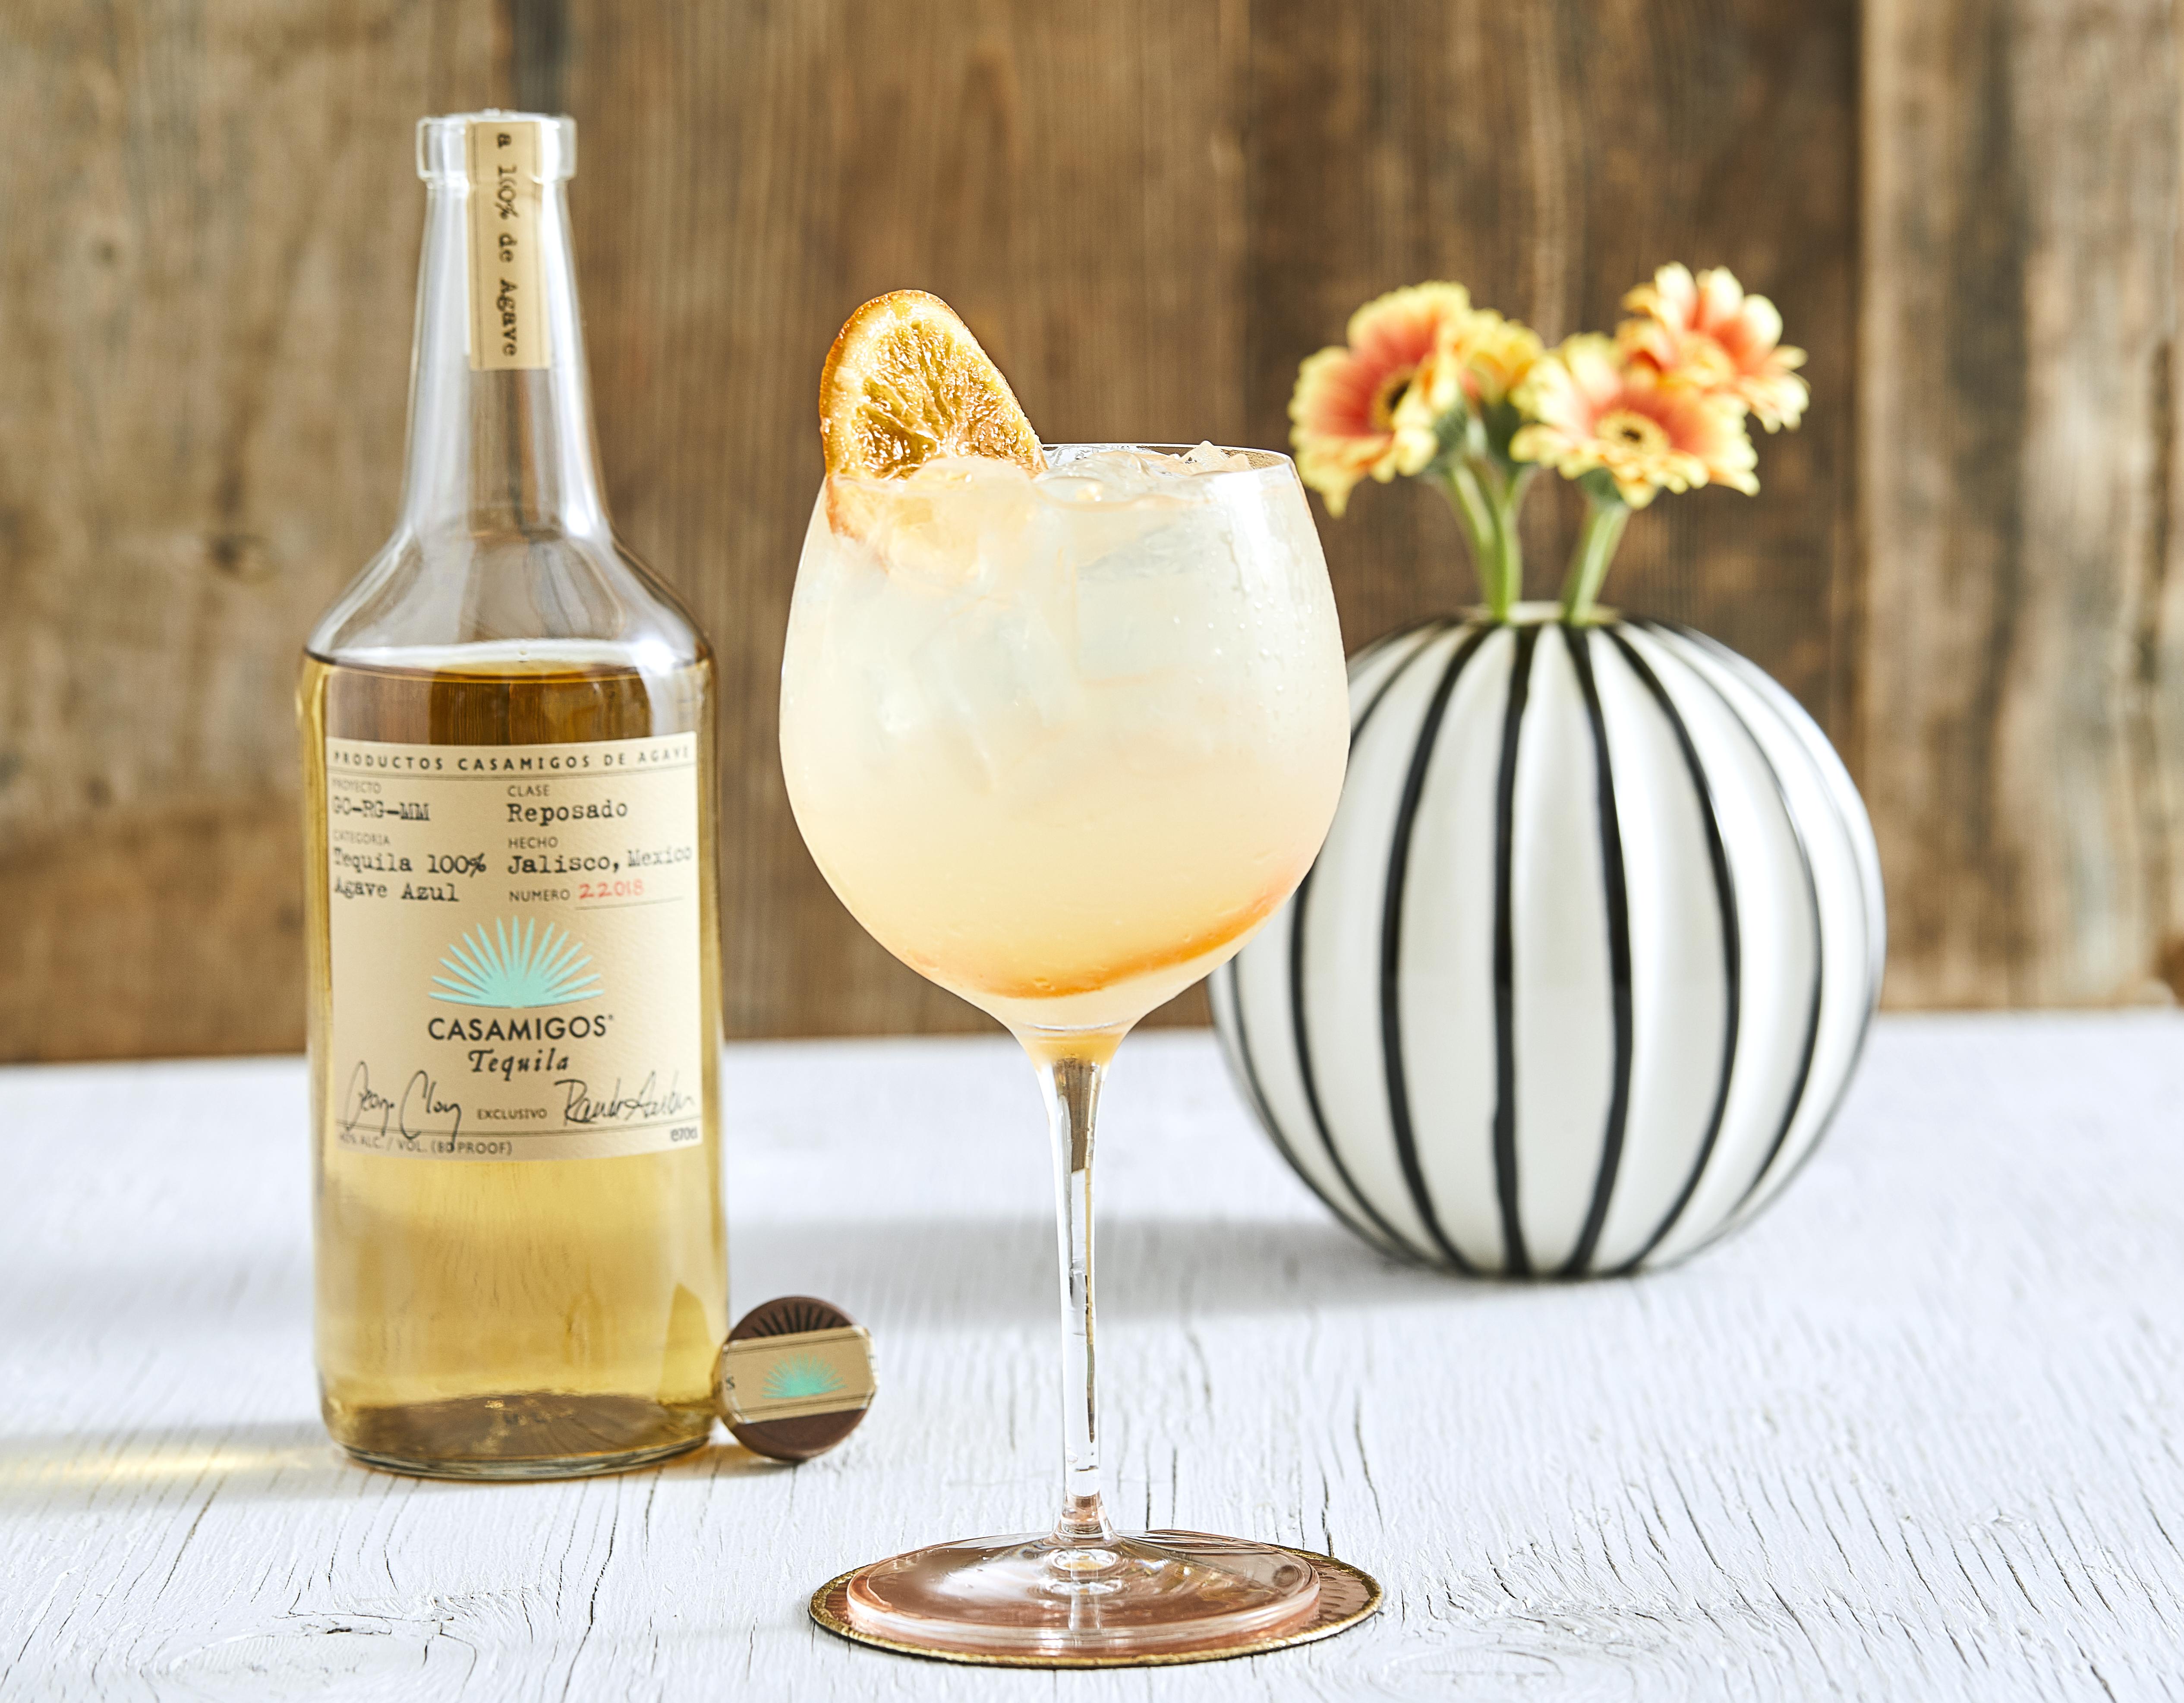 Cócteles clásicos con tequila